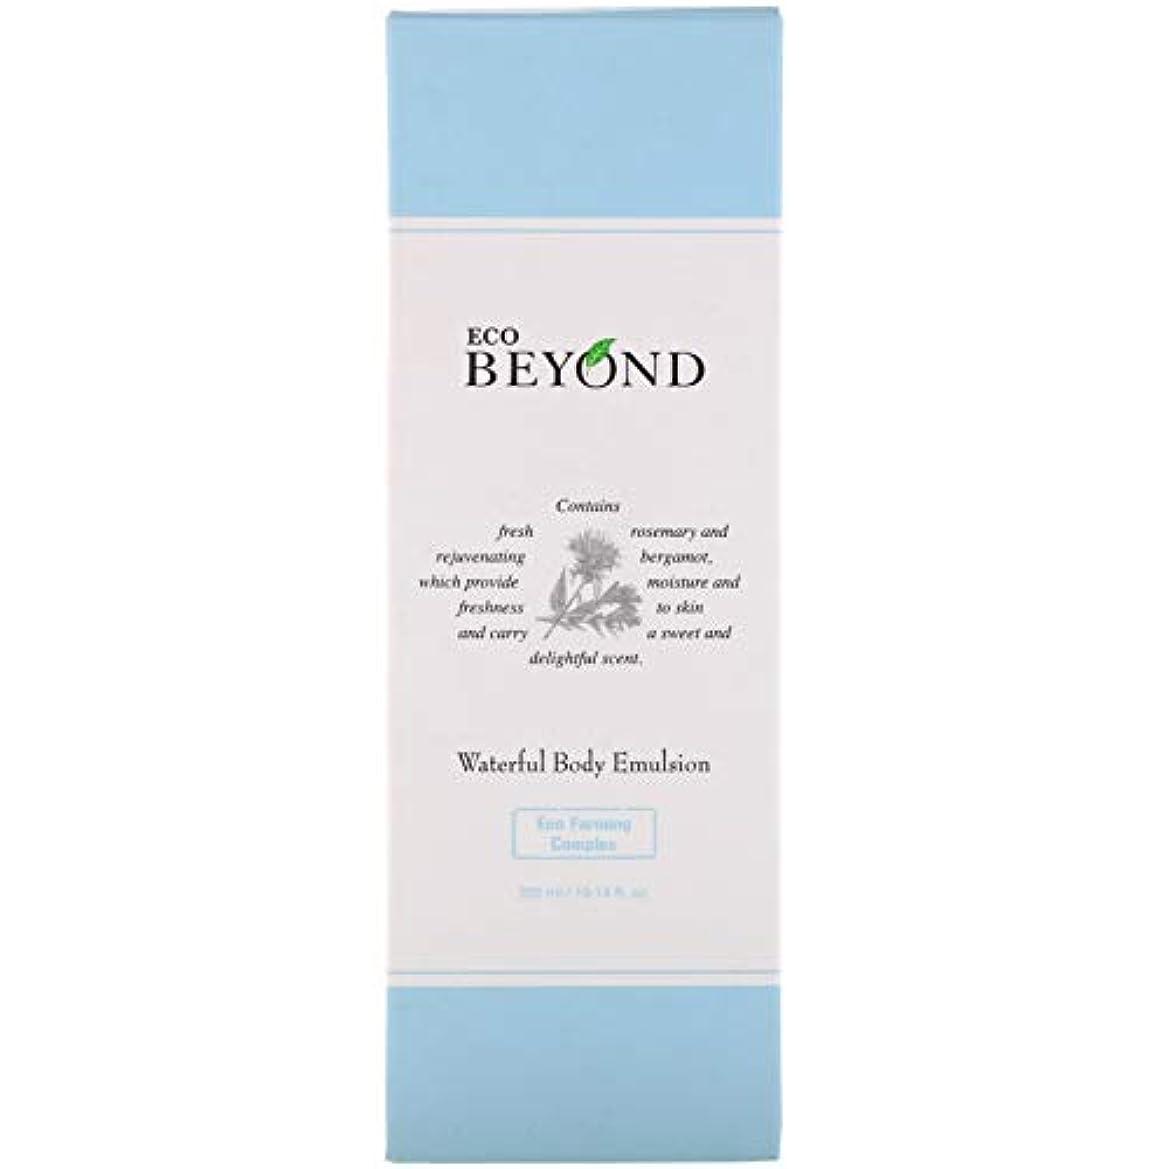 ライセンスライセンス価格[ビヨンド] BEYOND [ウォーターフル ボディ エマルジョン 300ml] Waterful Body Emulsion 300ml [海外直送品]